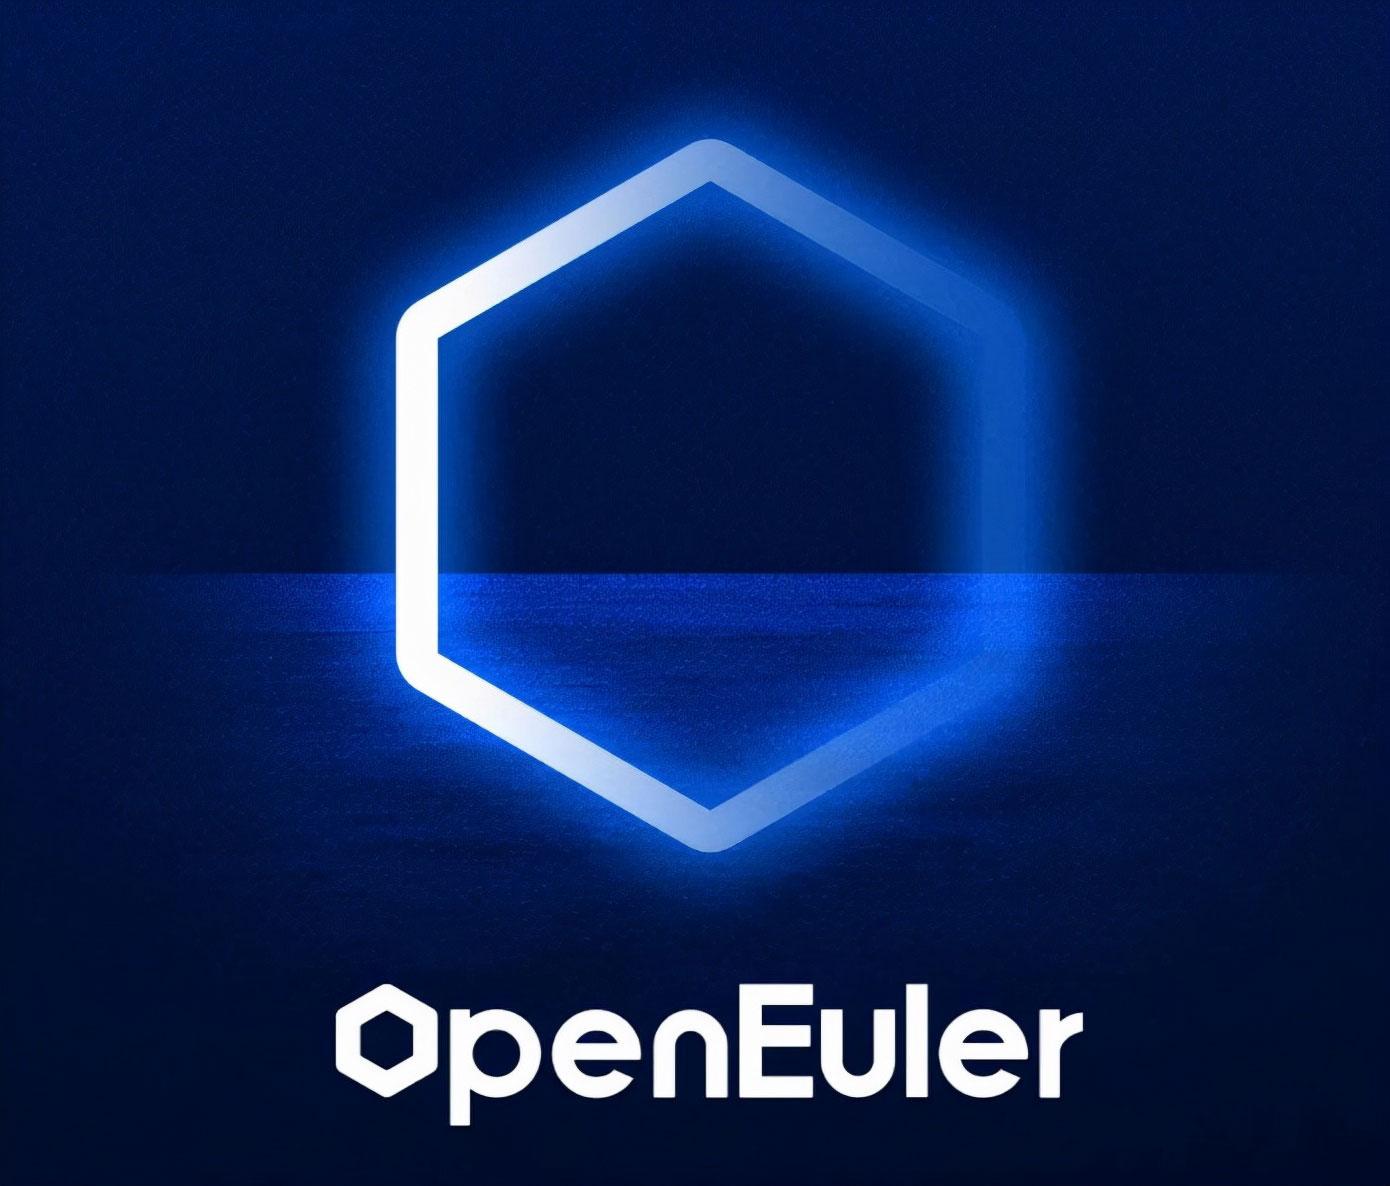 با EulerOS آشنا شوید: سیستم عامل جدید هواوی